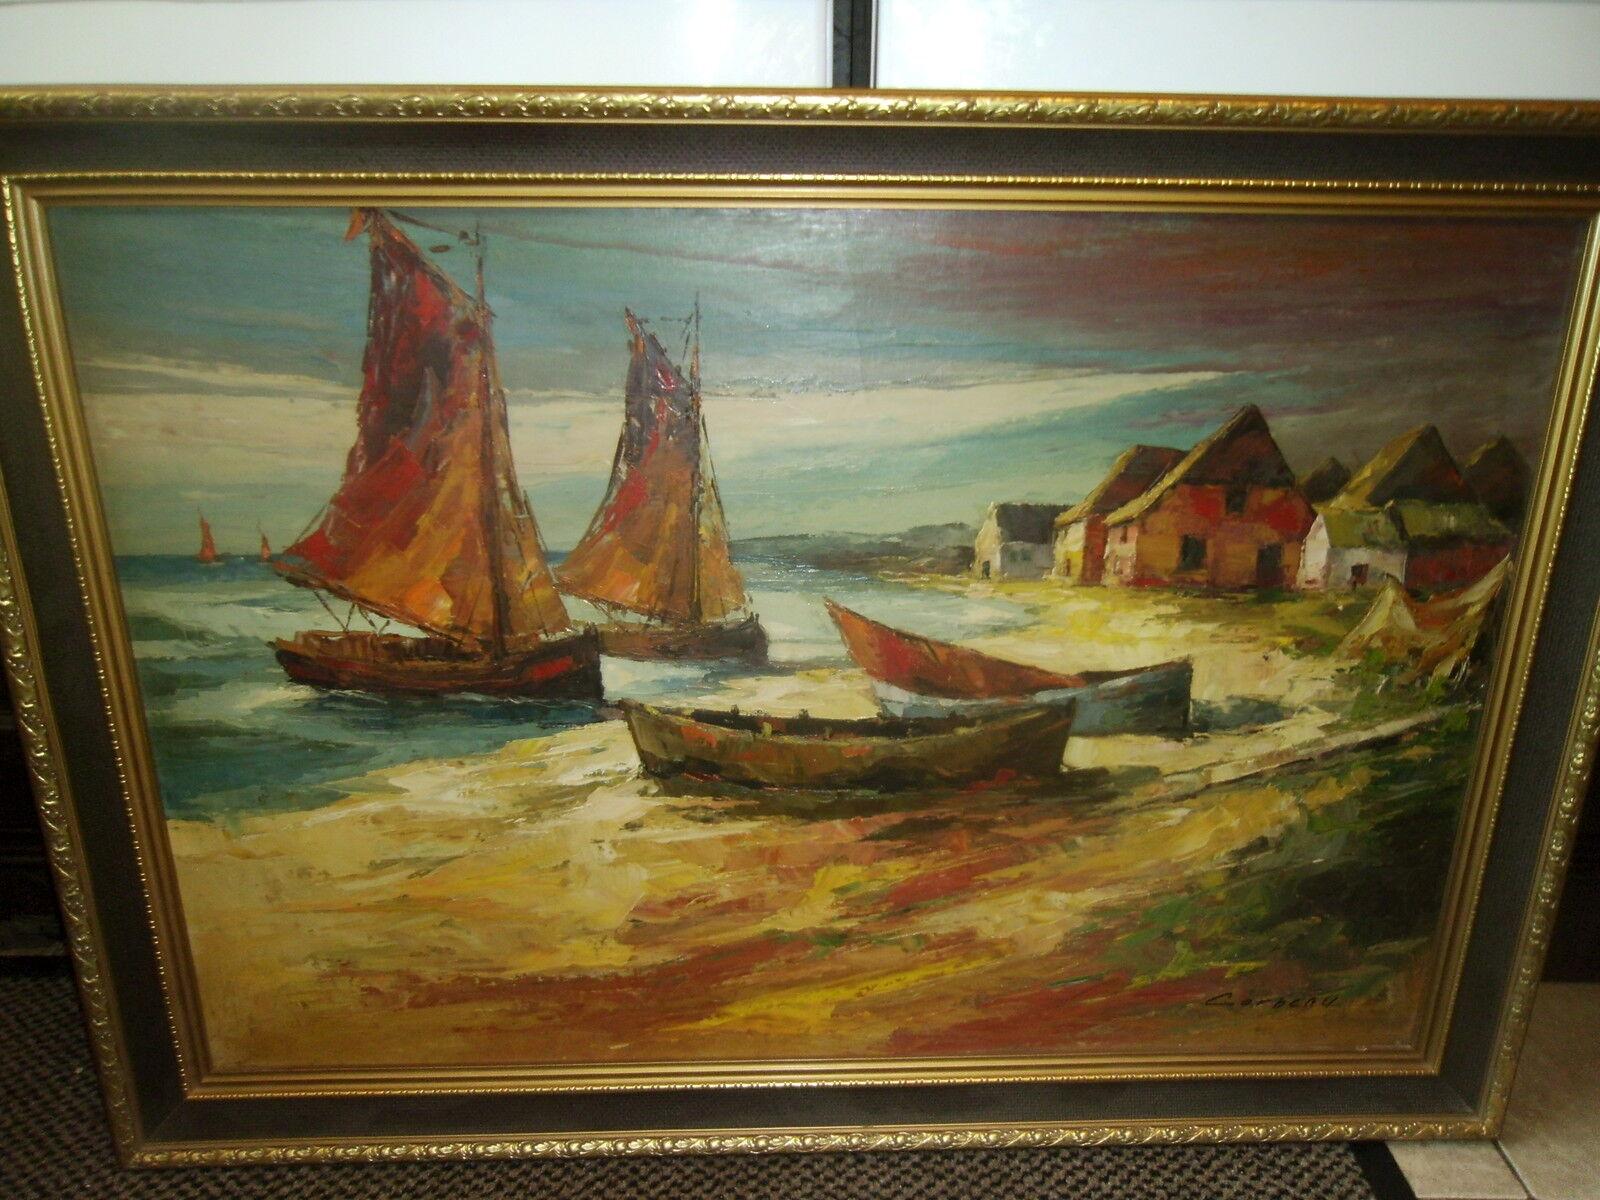 PATRICIA BURTON FINE ART GALLERY